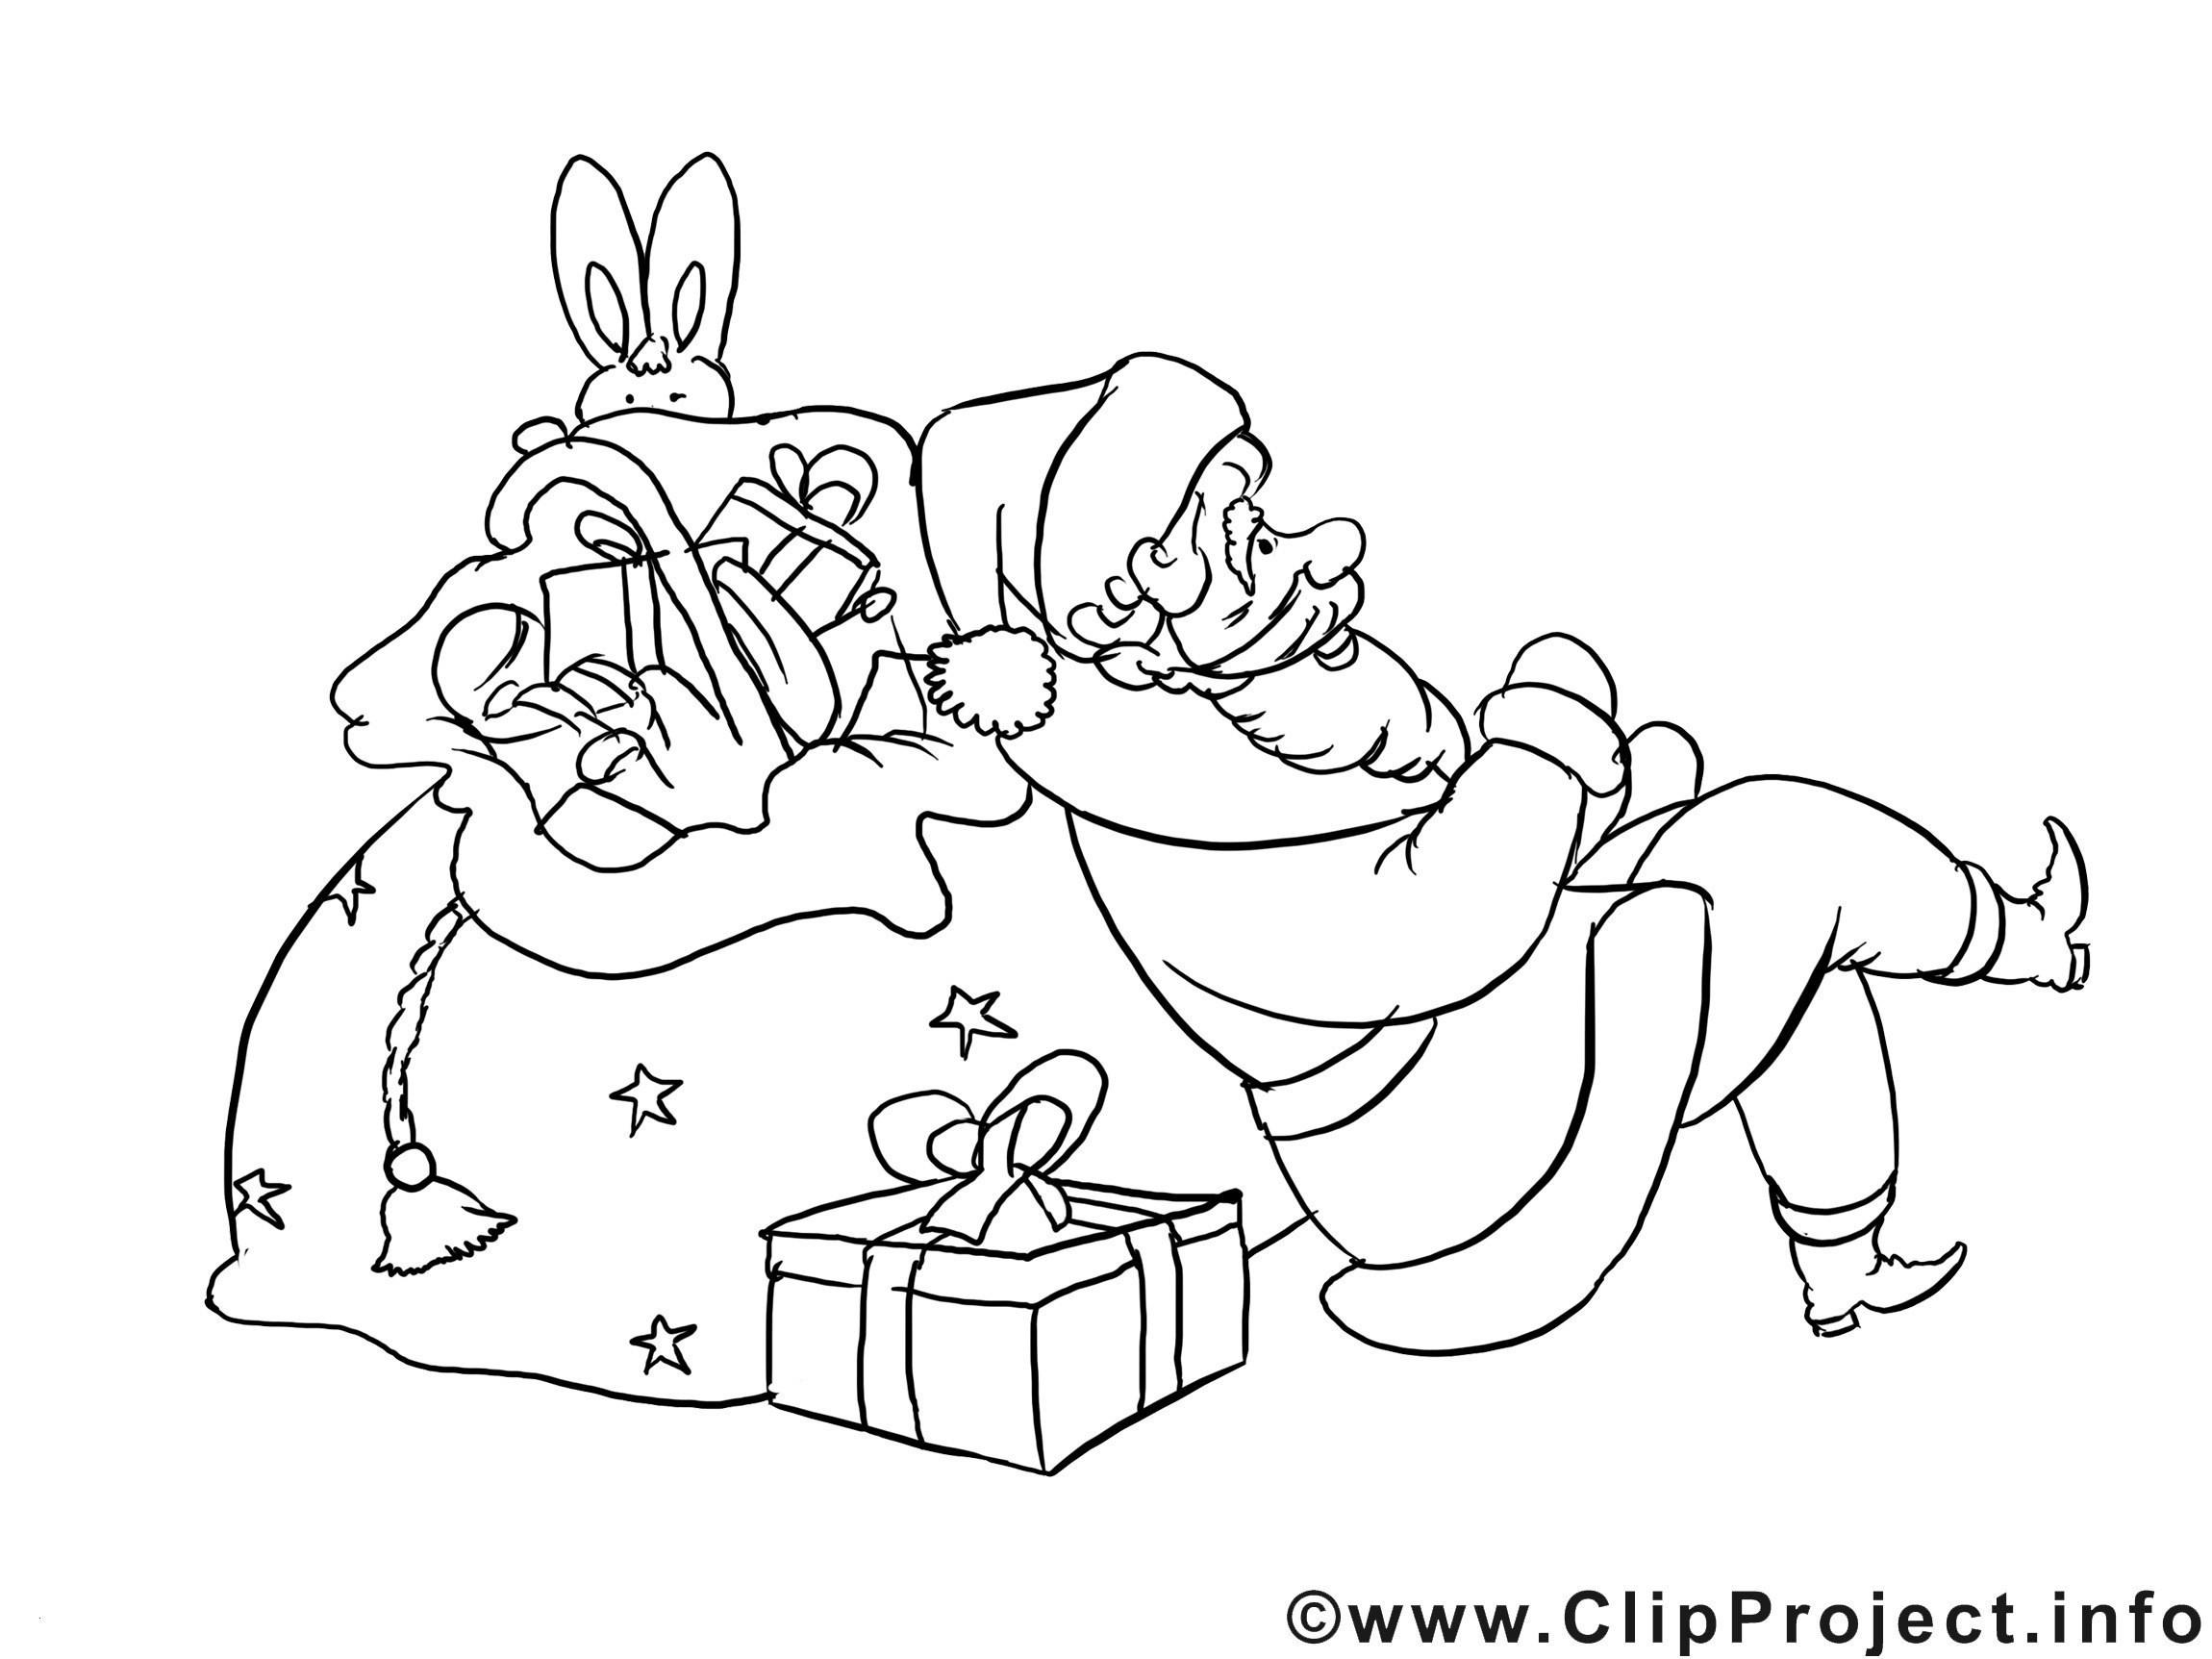 Ausmalbilder Weihnachten Gratis Genial Disney Malvorlagen Bild Crossradio Fotografieren